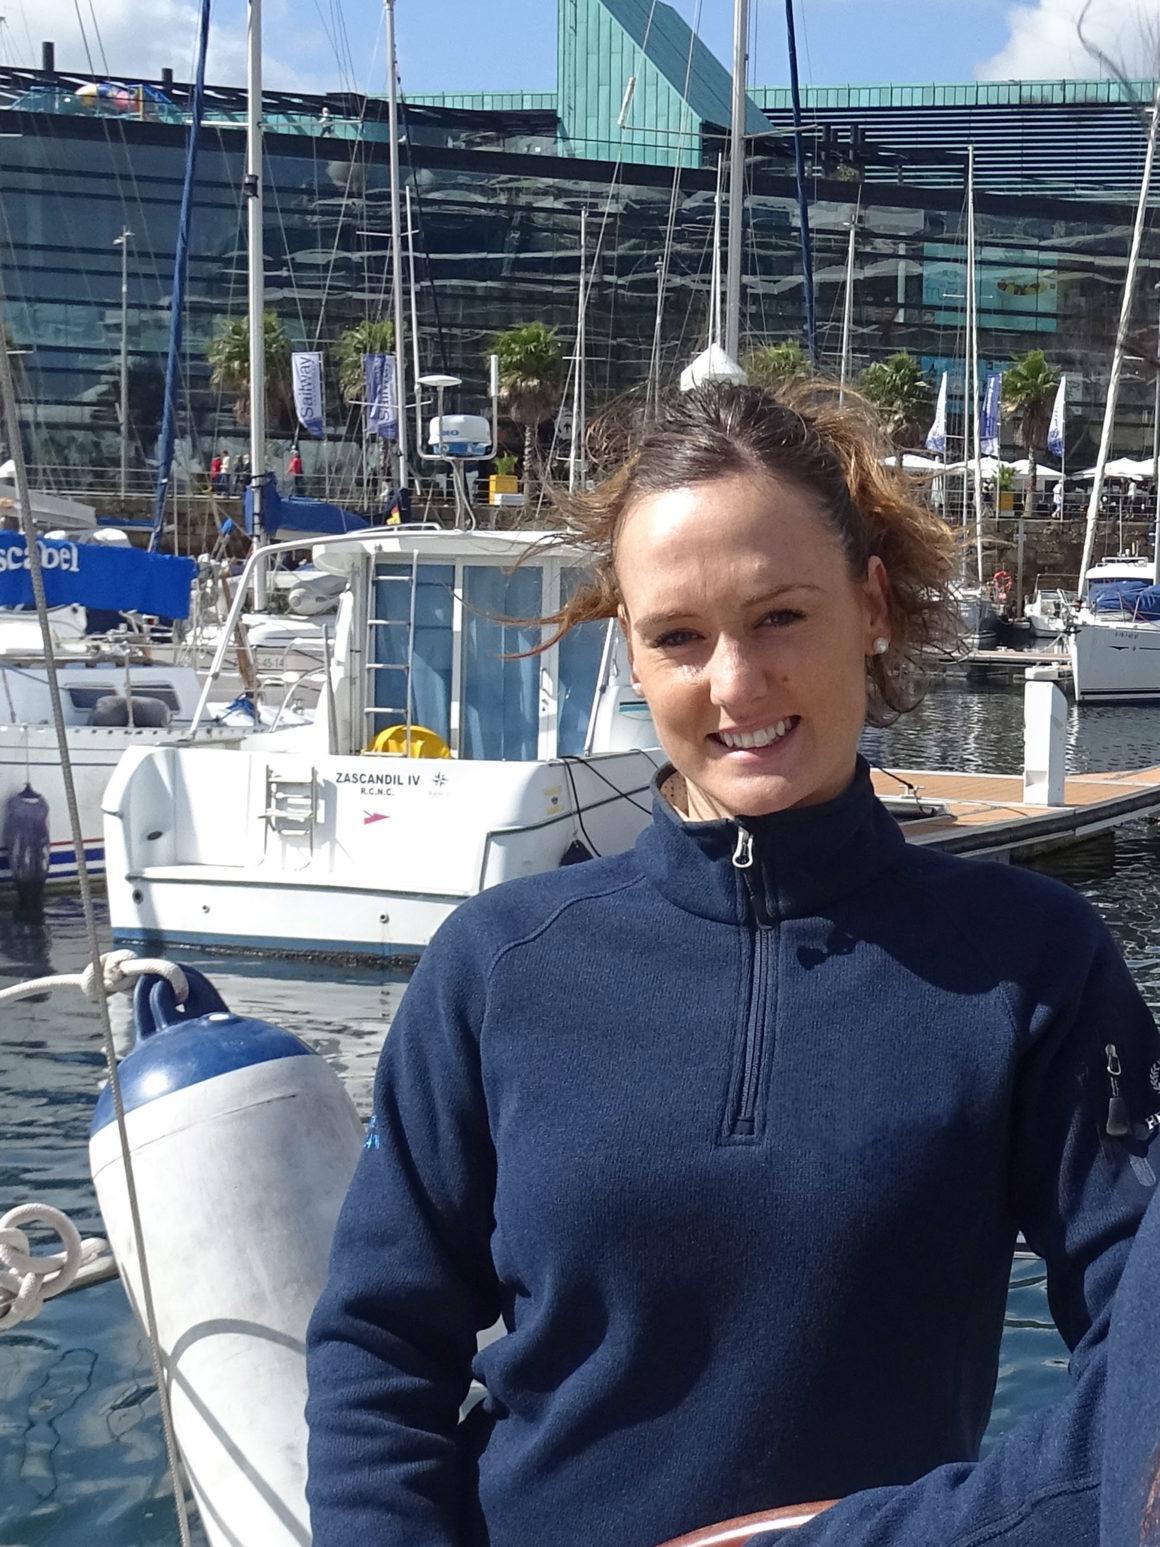 Propietaria de un barco en Galicia